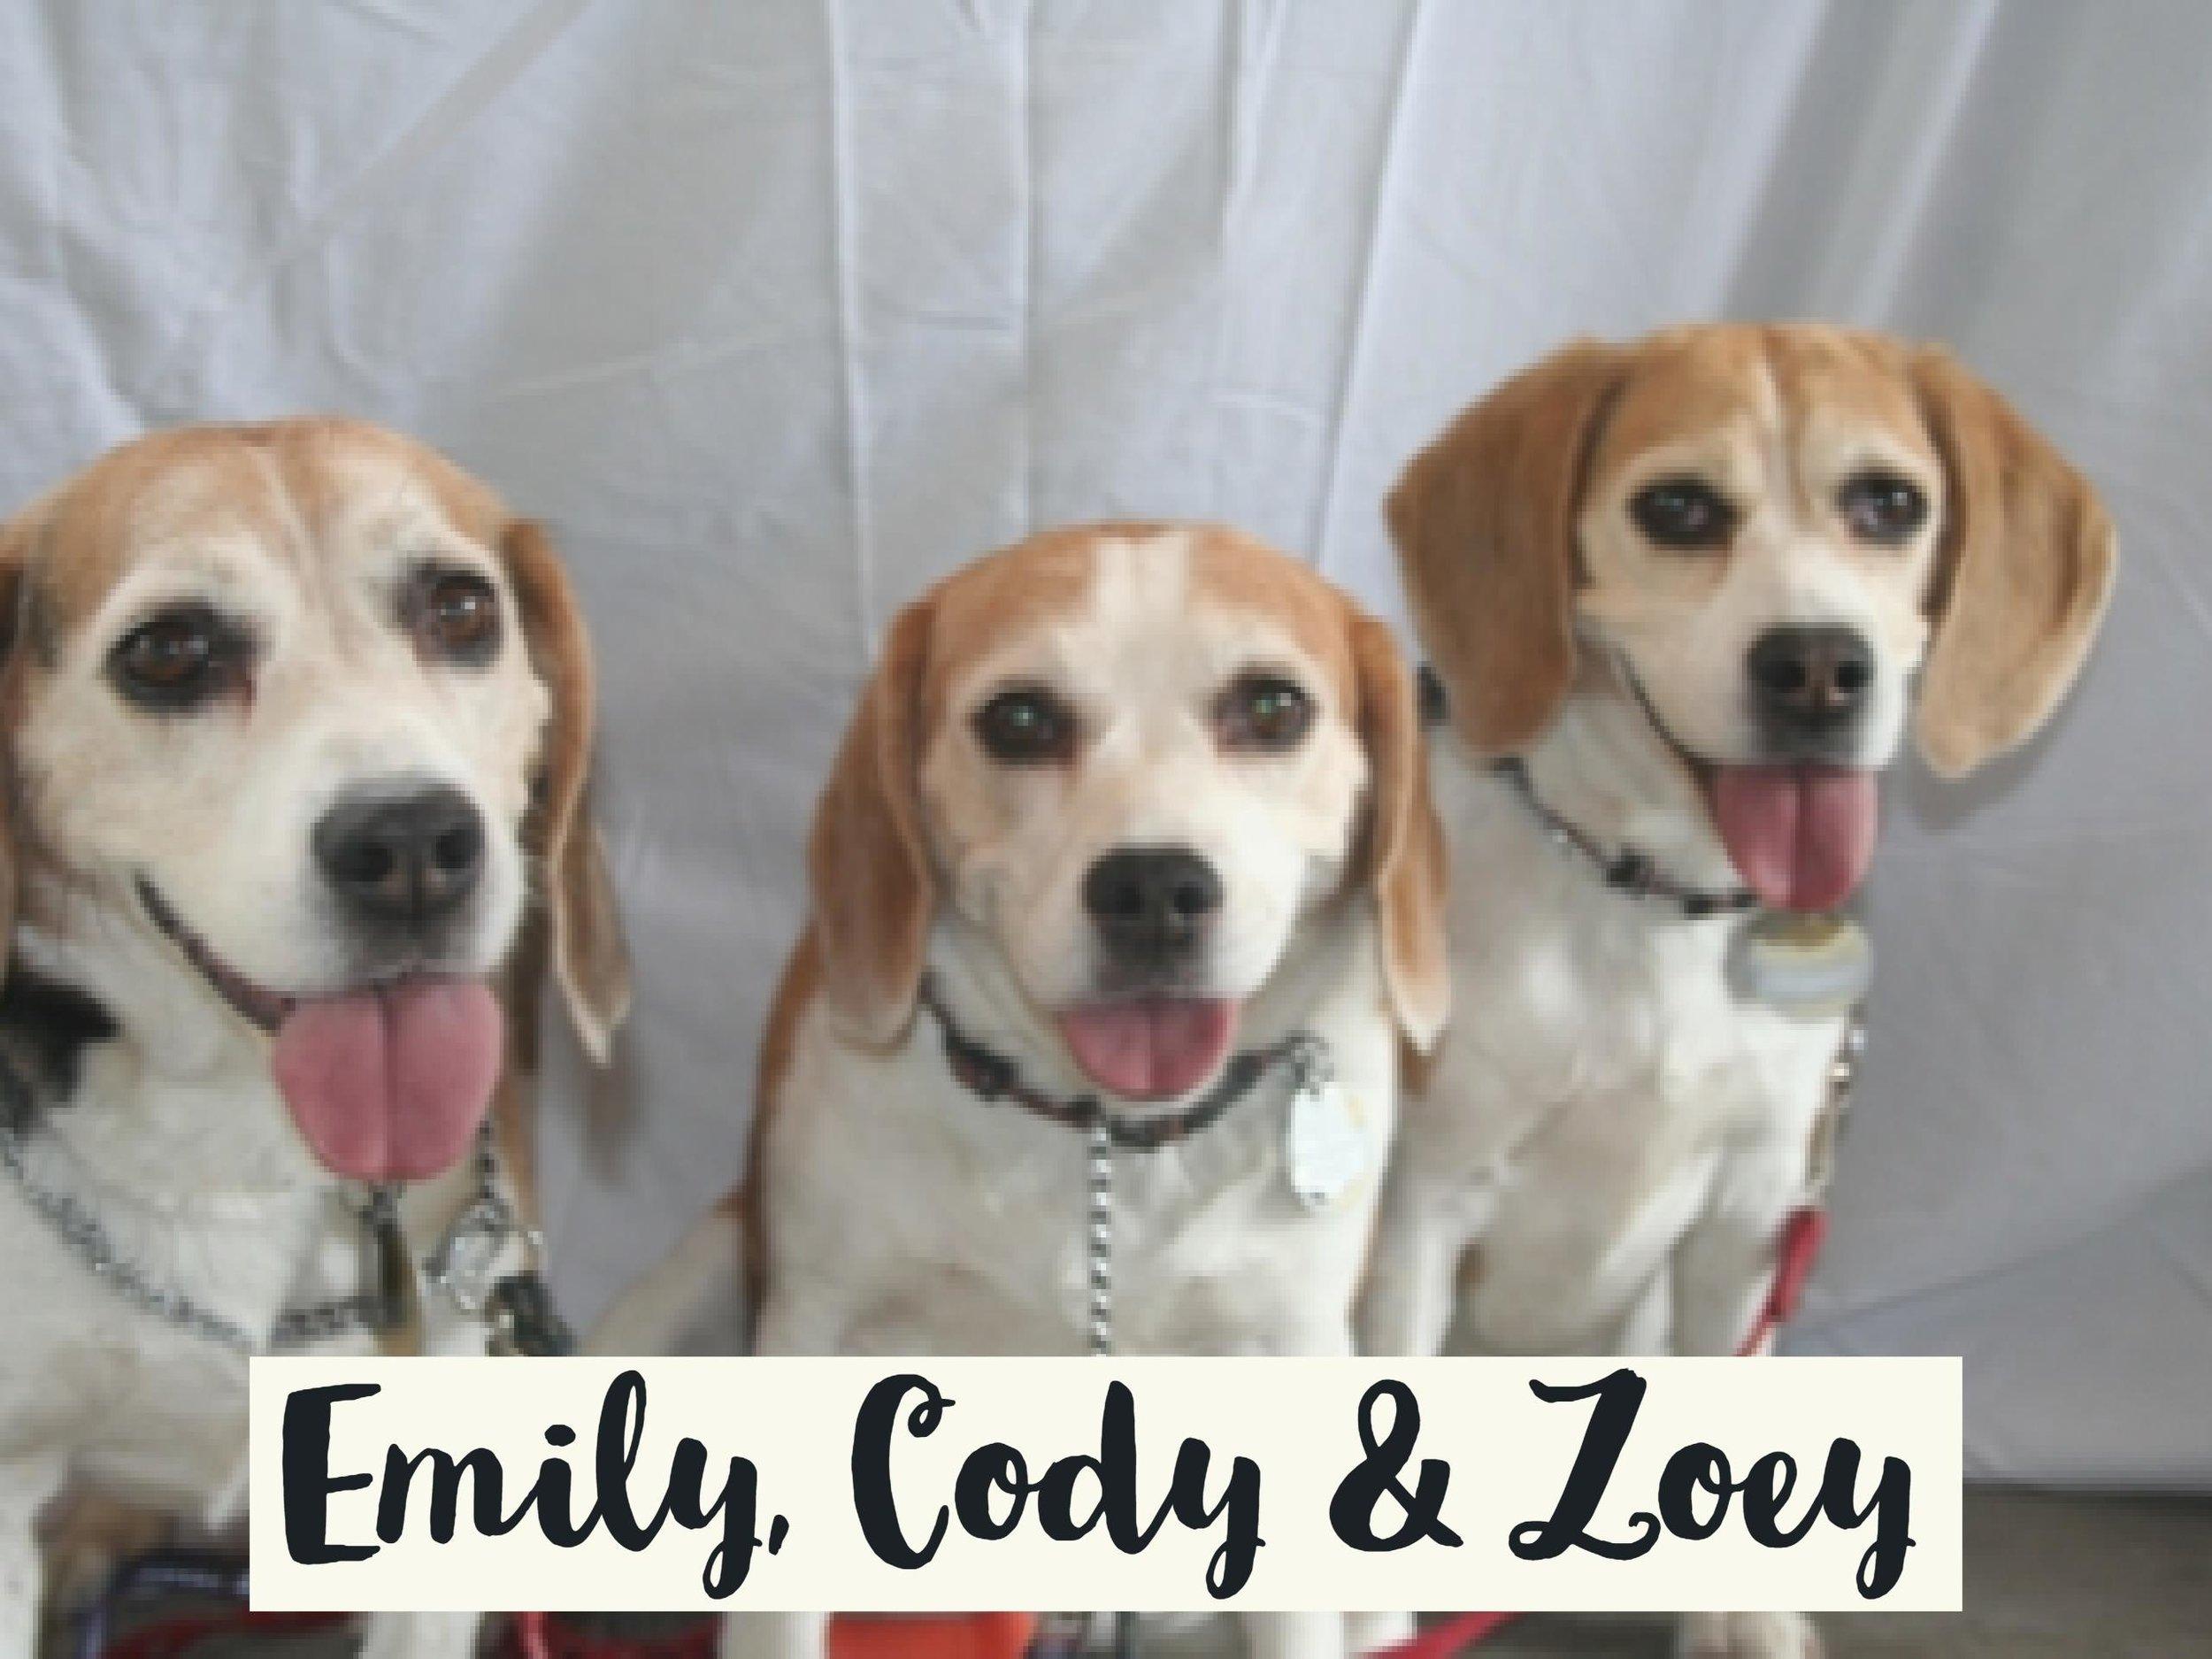 Emily-Cody-Zoey_WV17.jpg